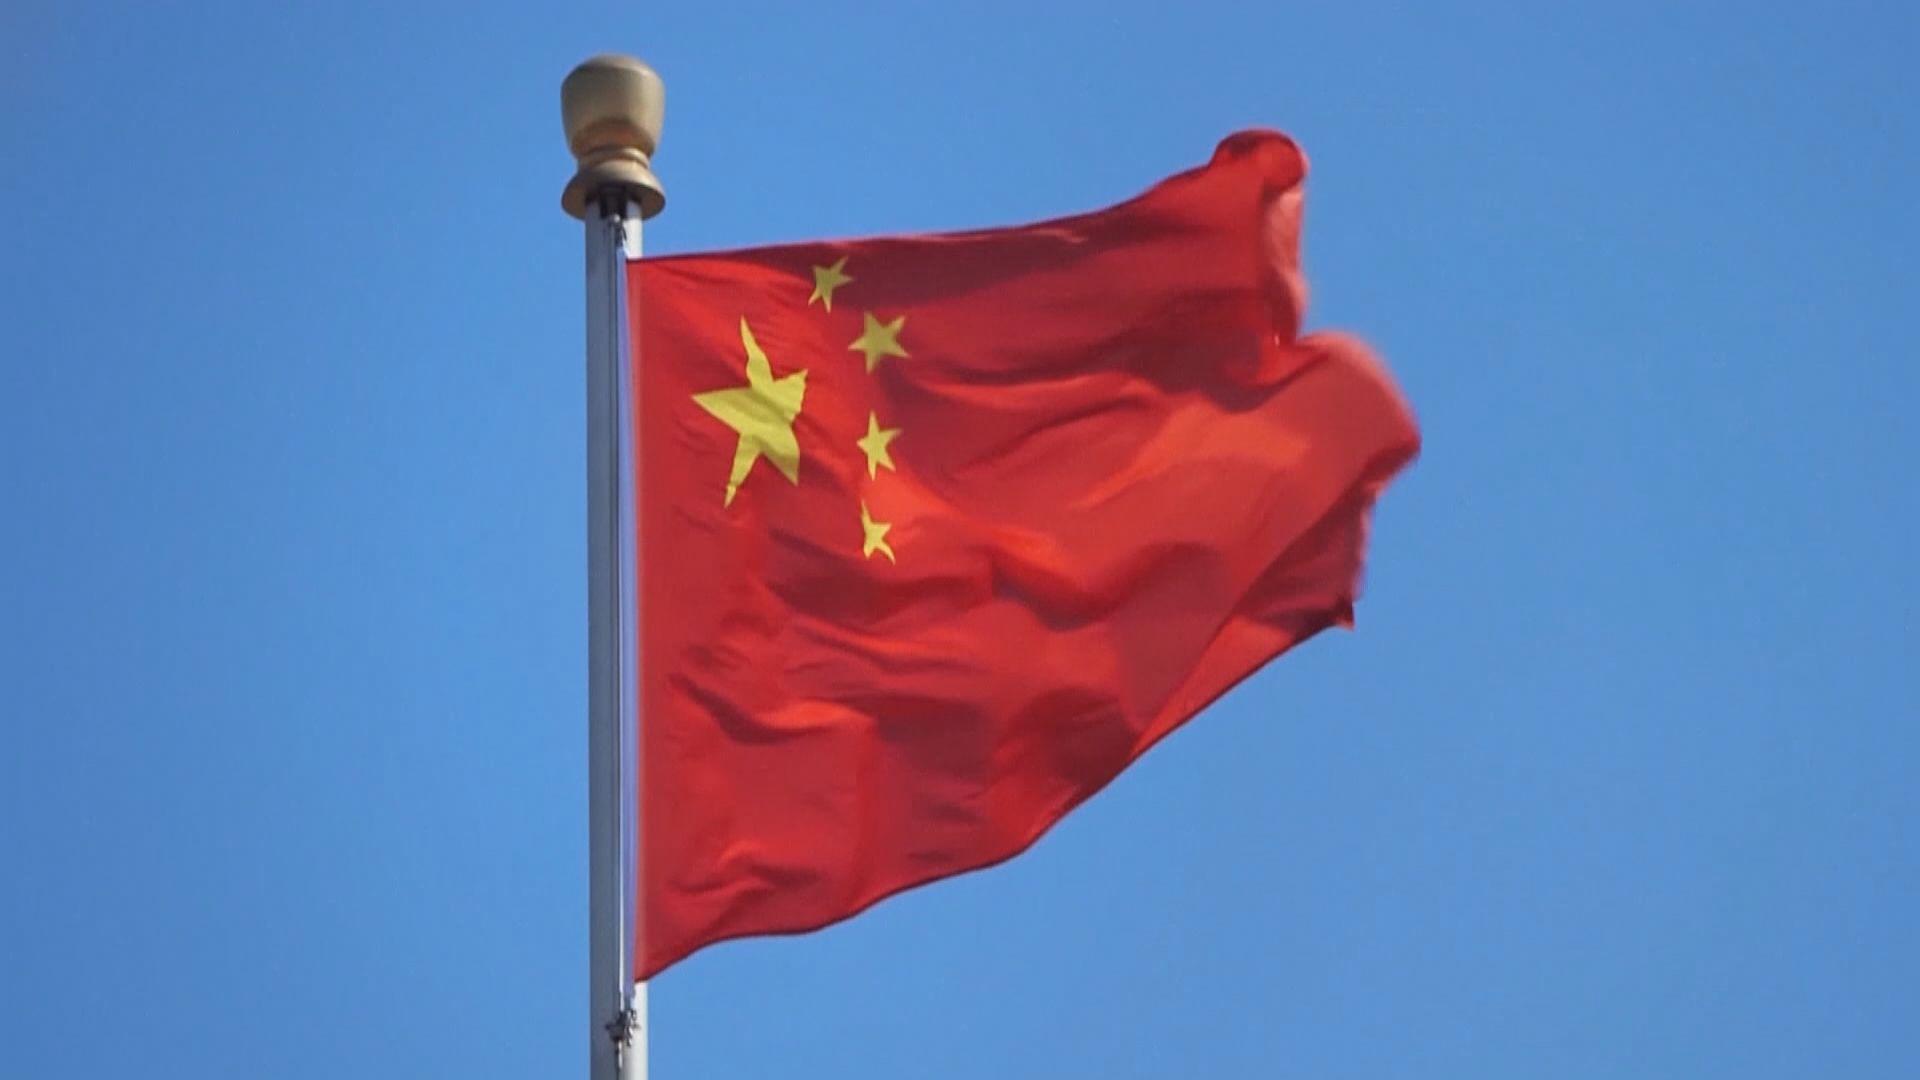 美國一周兩度批准對台售武 北京:以武拒統是死路一條